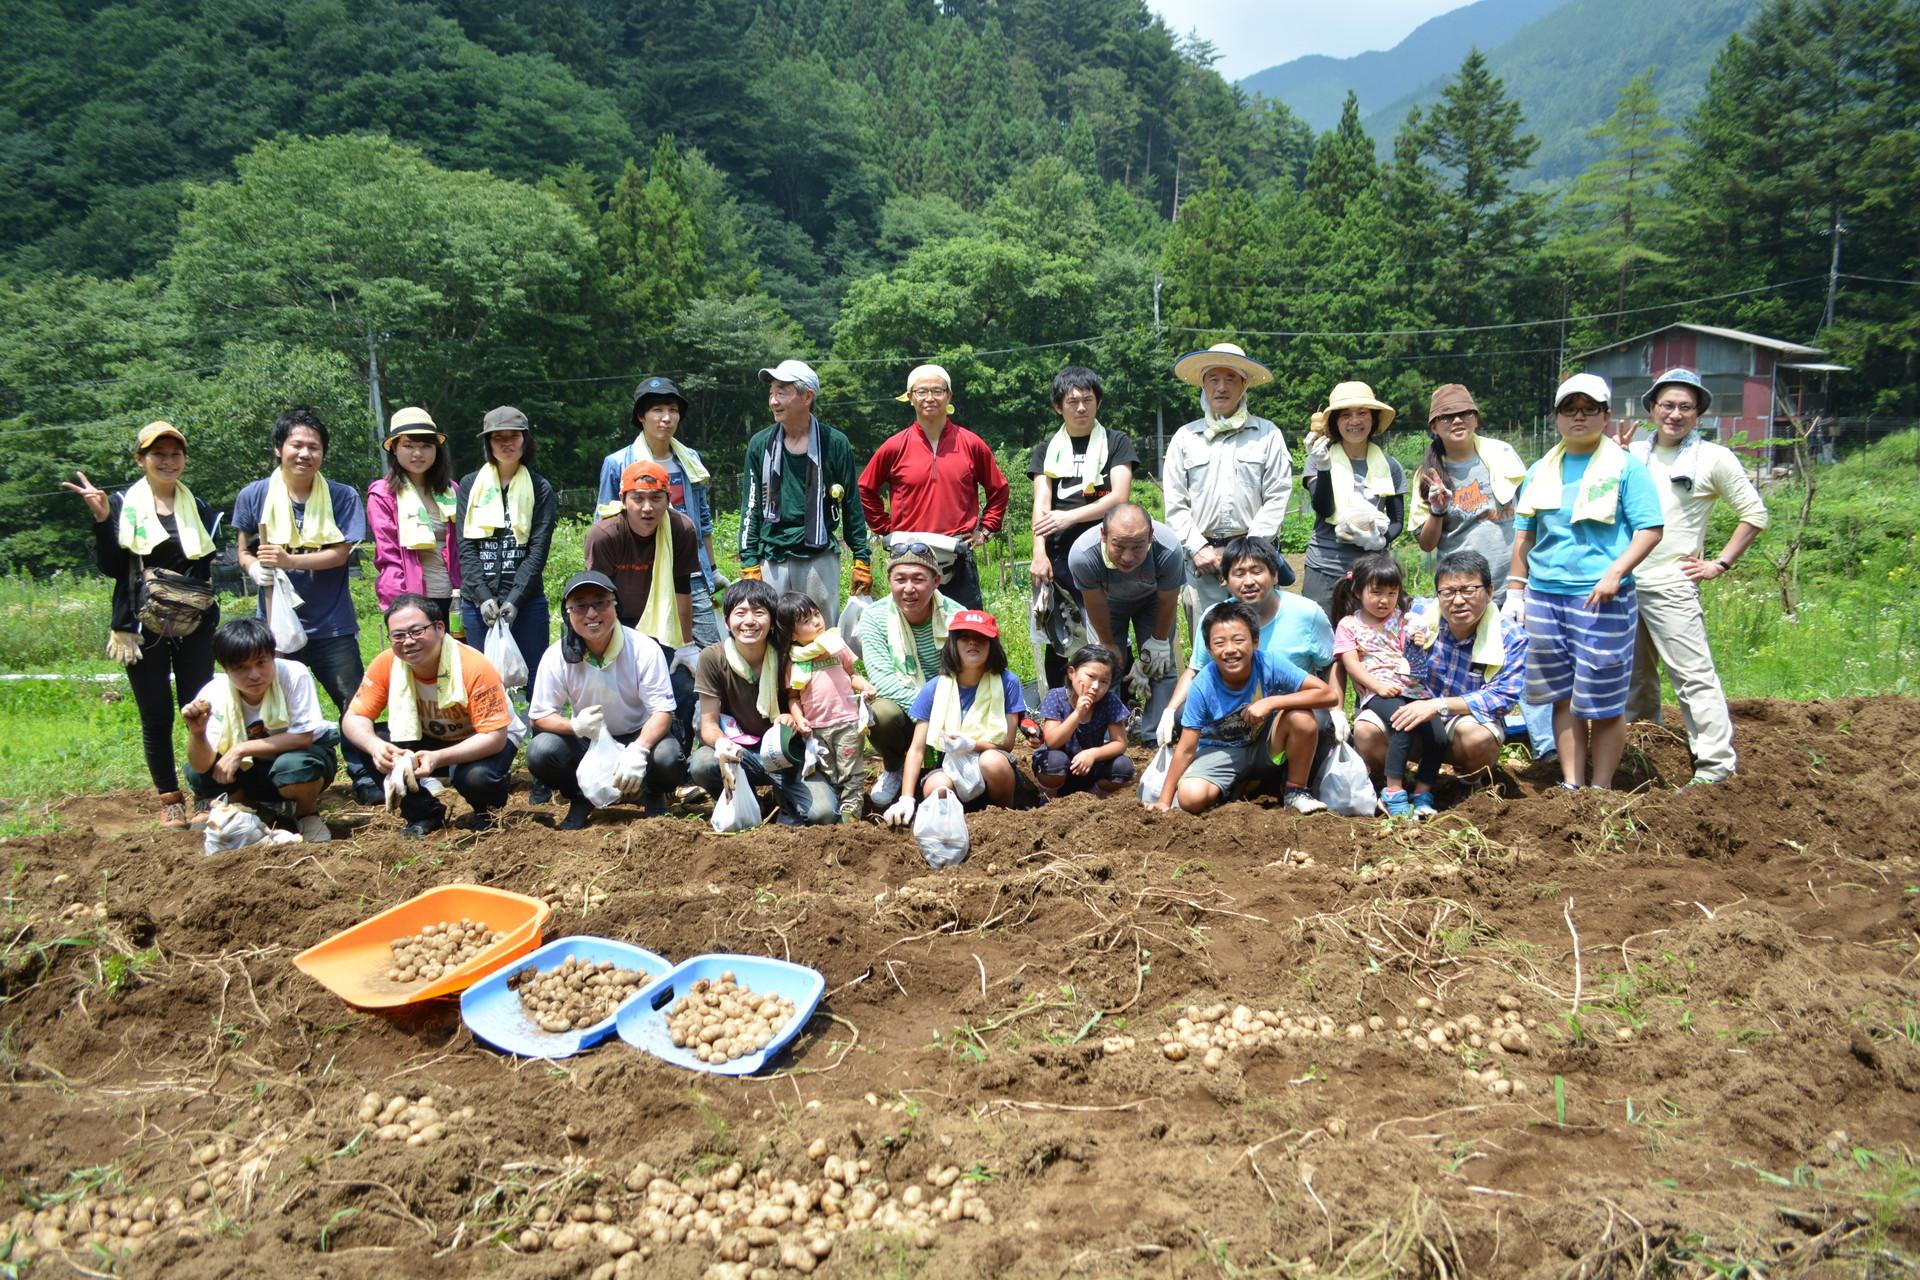 企業向けプログラム!親子で農作業と川遊び!